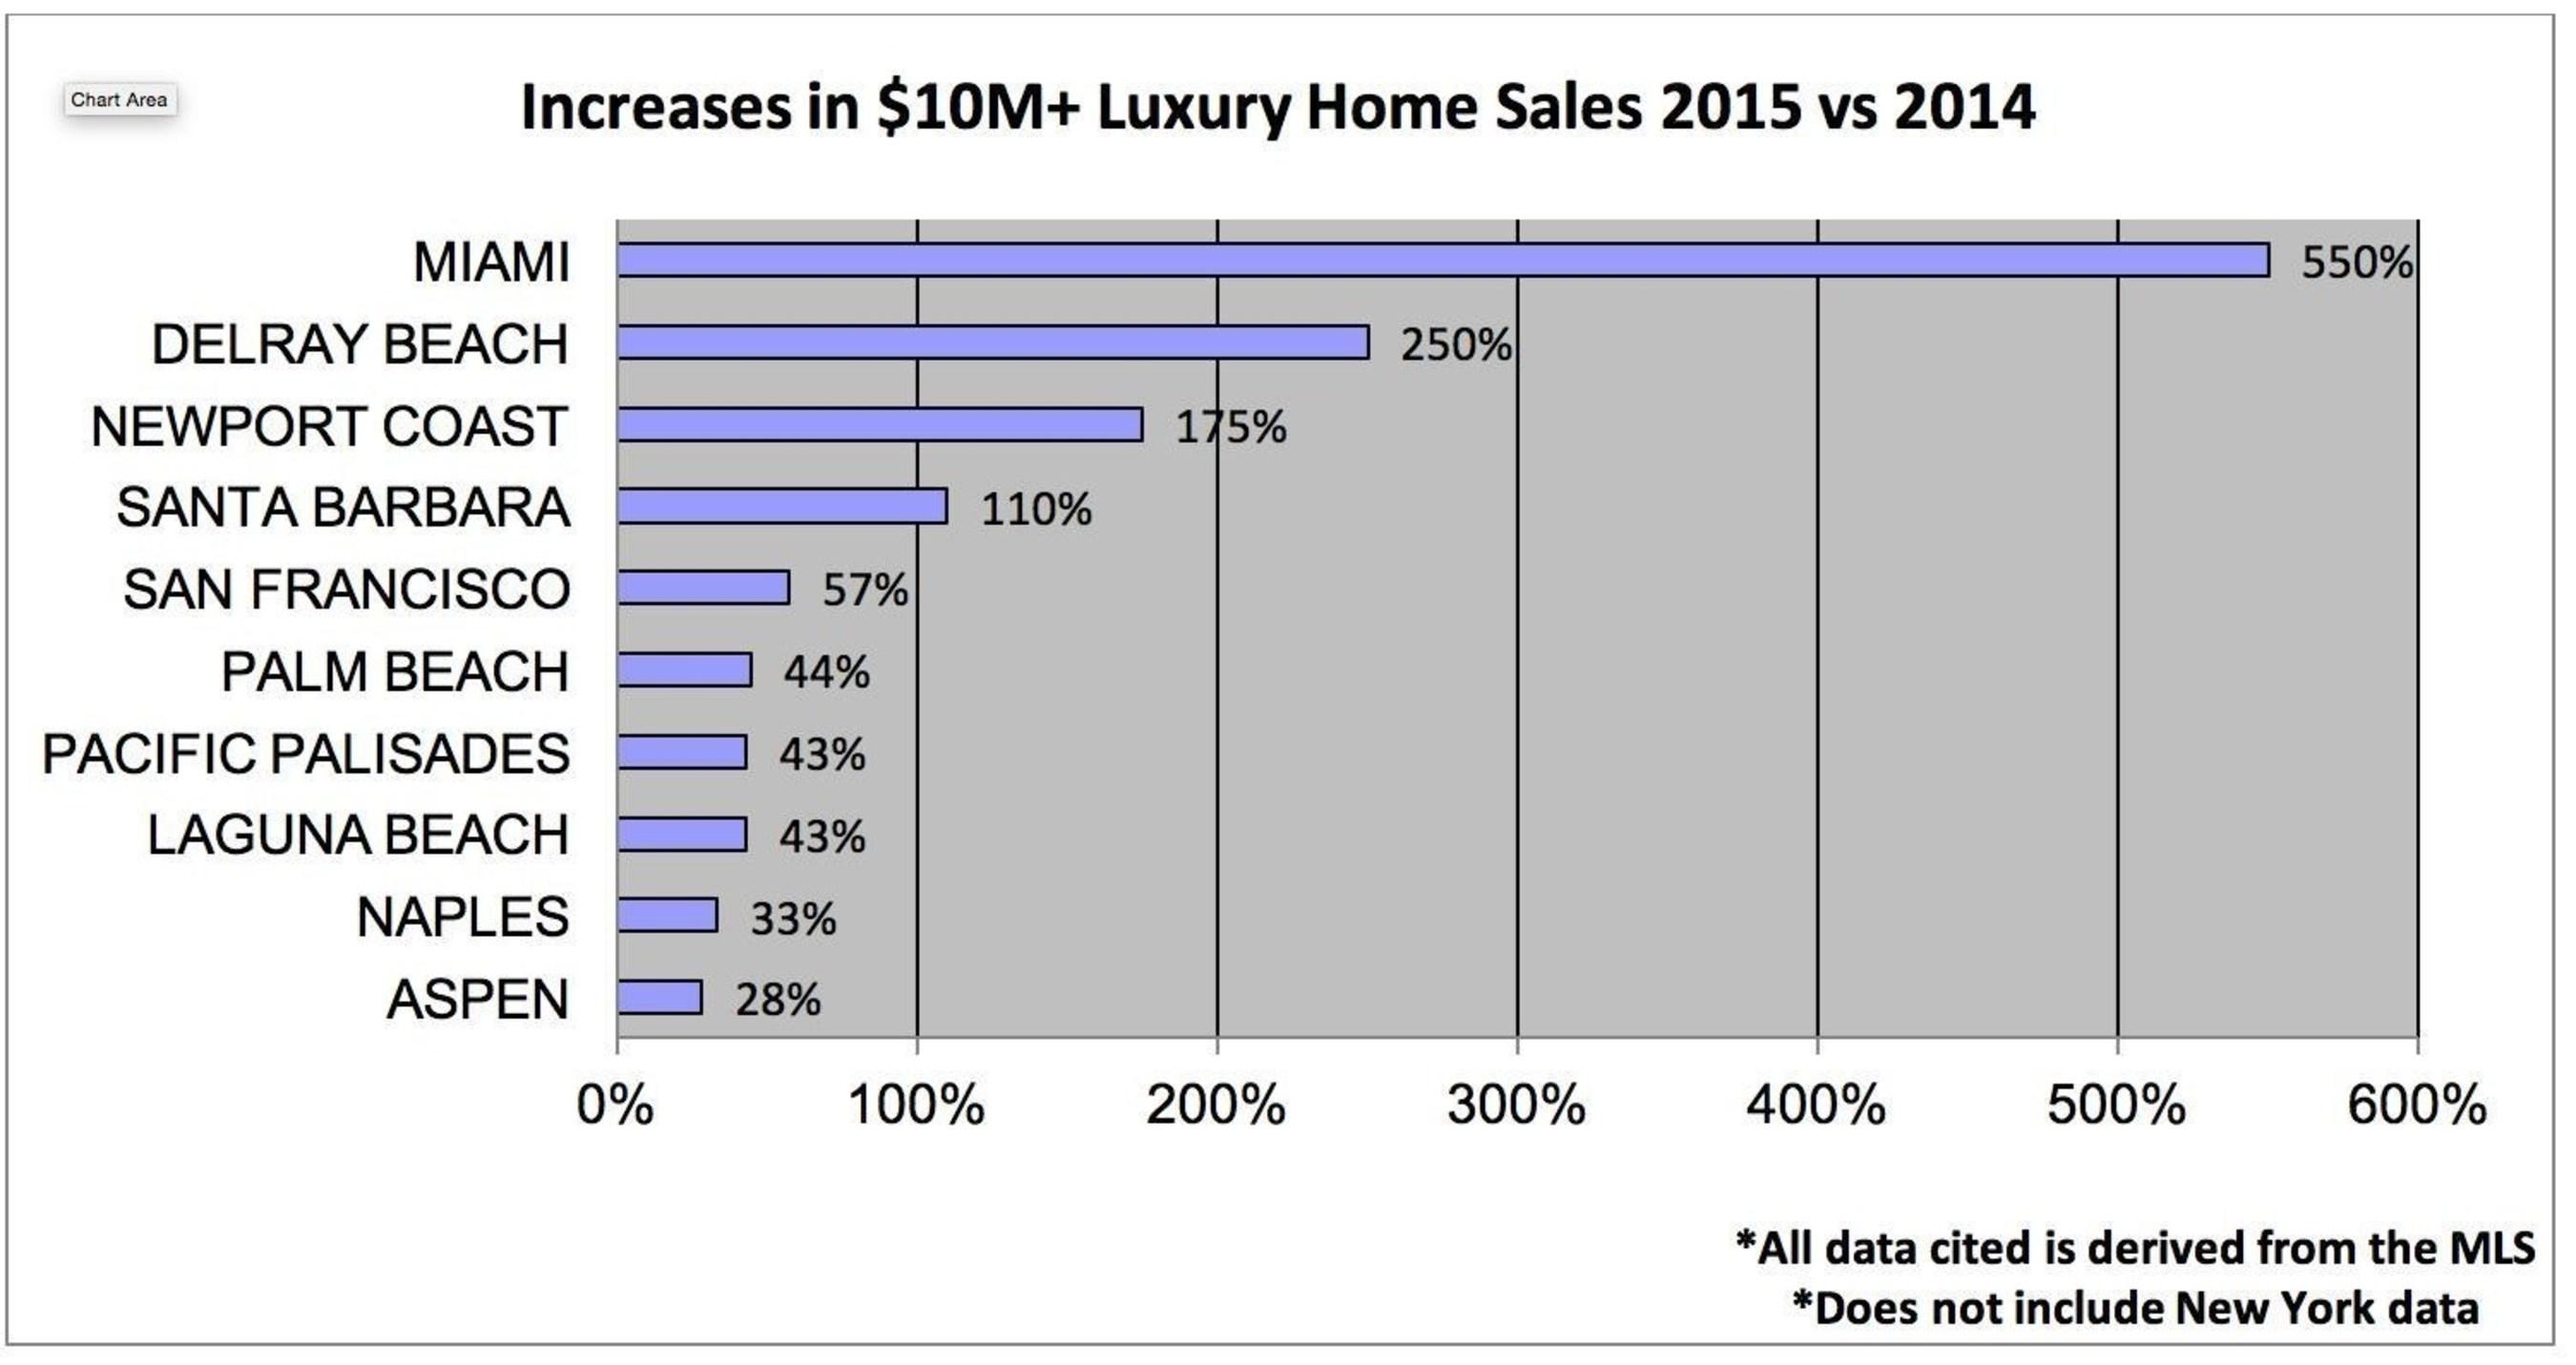 Increases in $10M+ Luxury Home Sales 2015 vs 2014